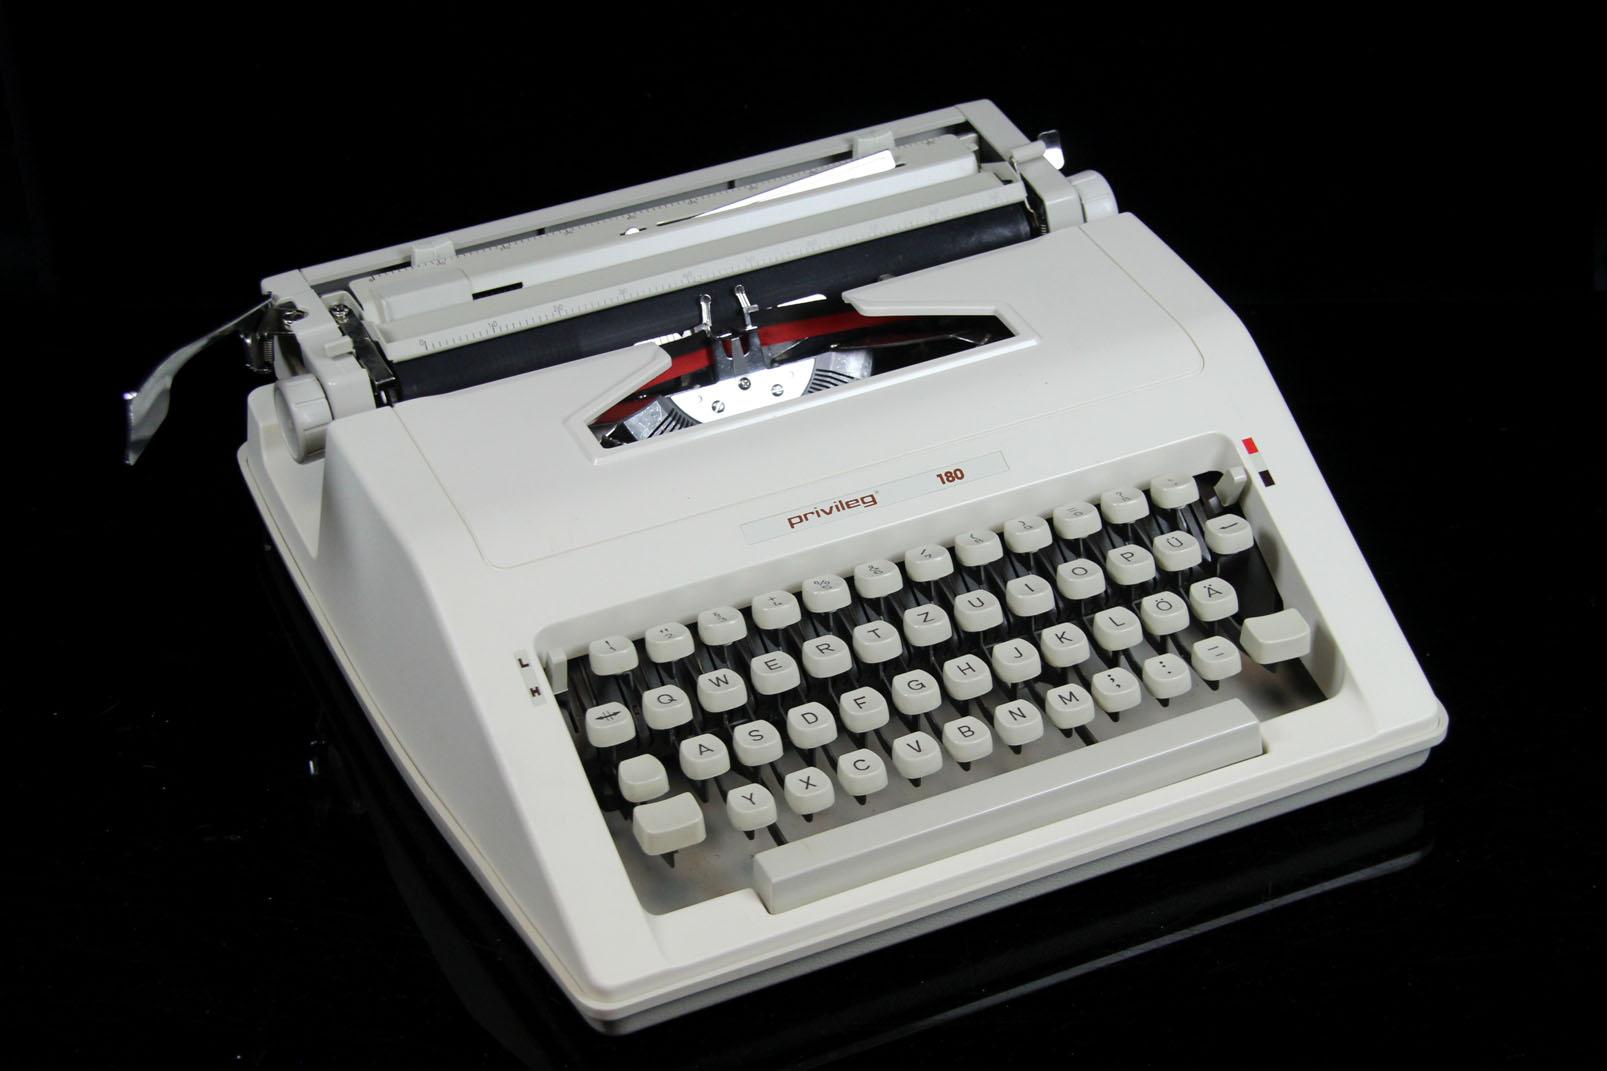 privileg 180 reise schreibmaschine mit koffer kleinschreibmaschine typewriter ebay. Black Bedroom Furniture Sets. Home Design Ideas